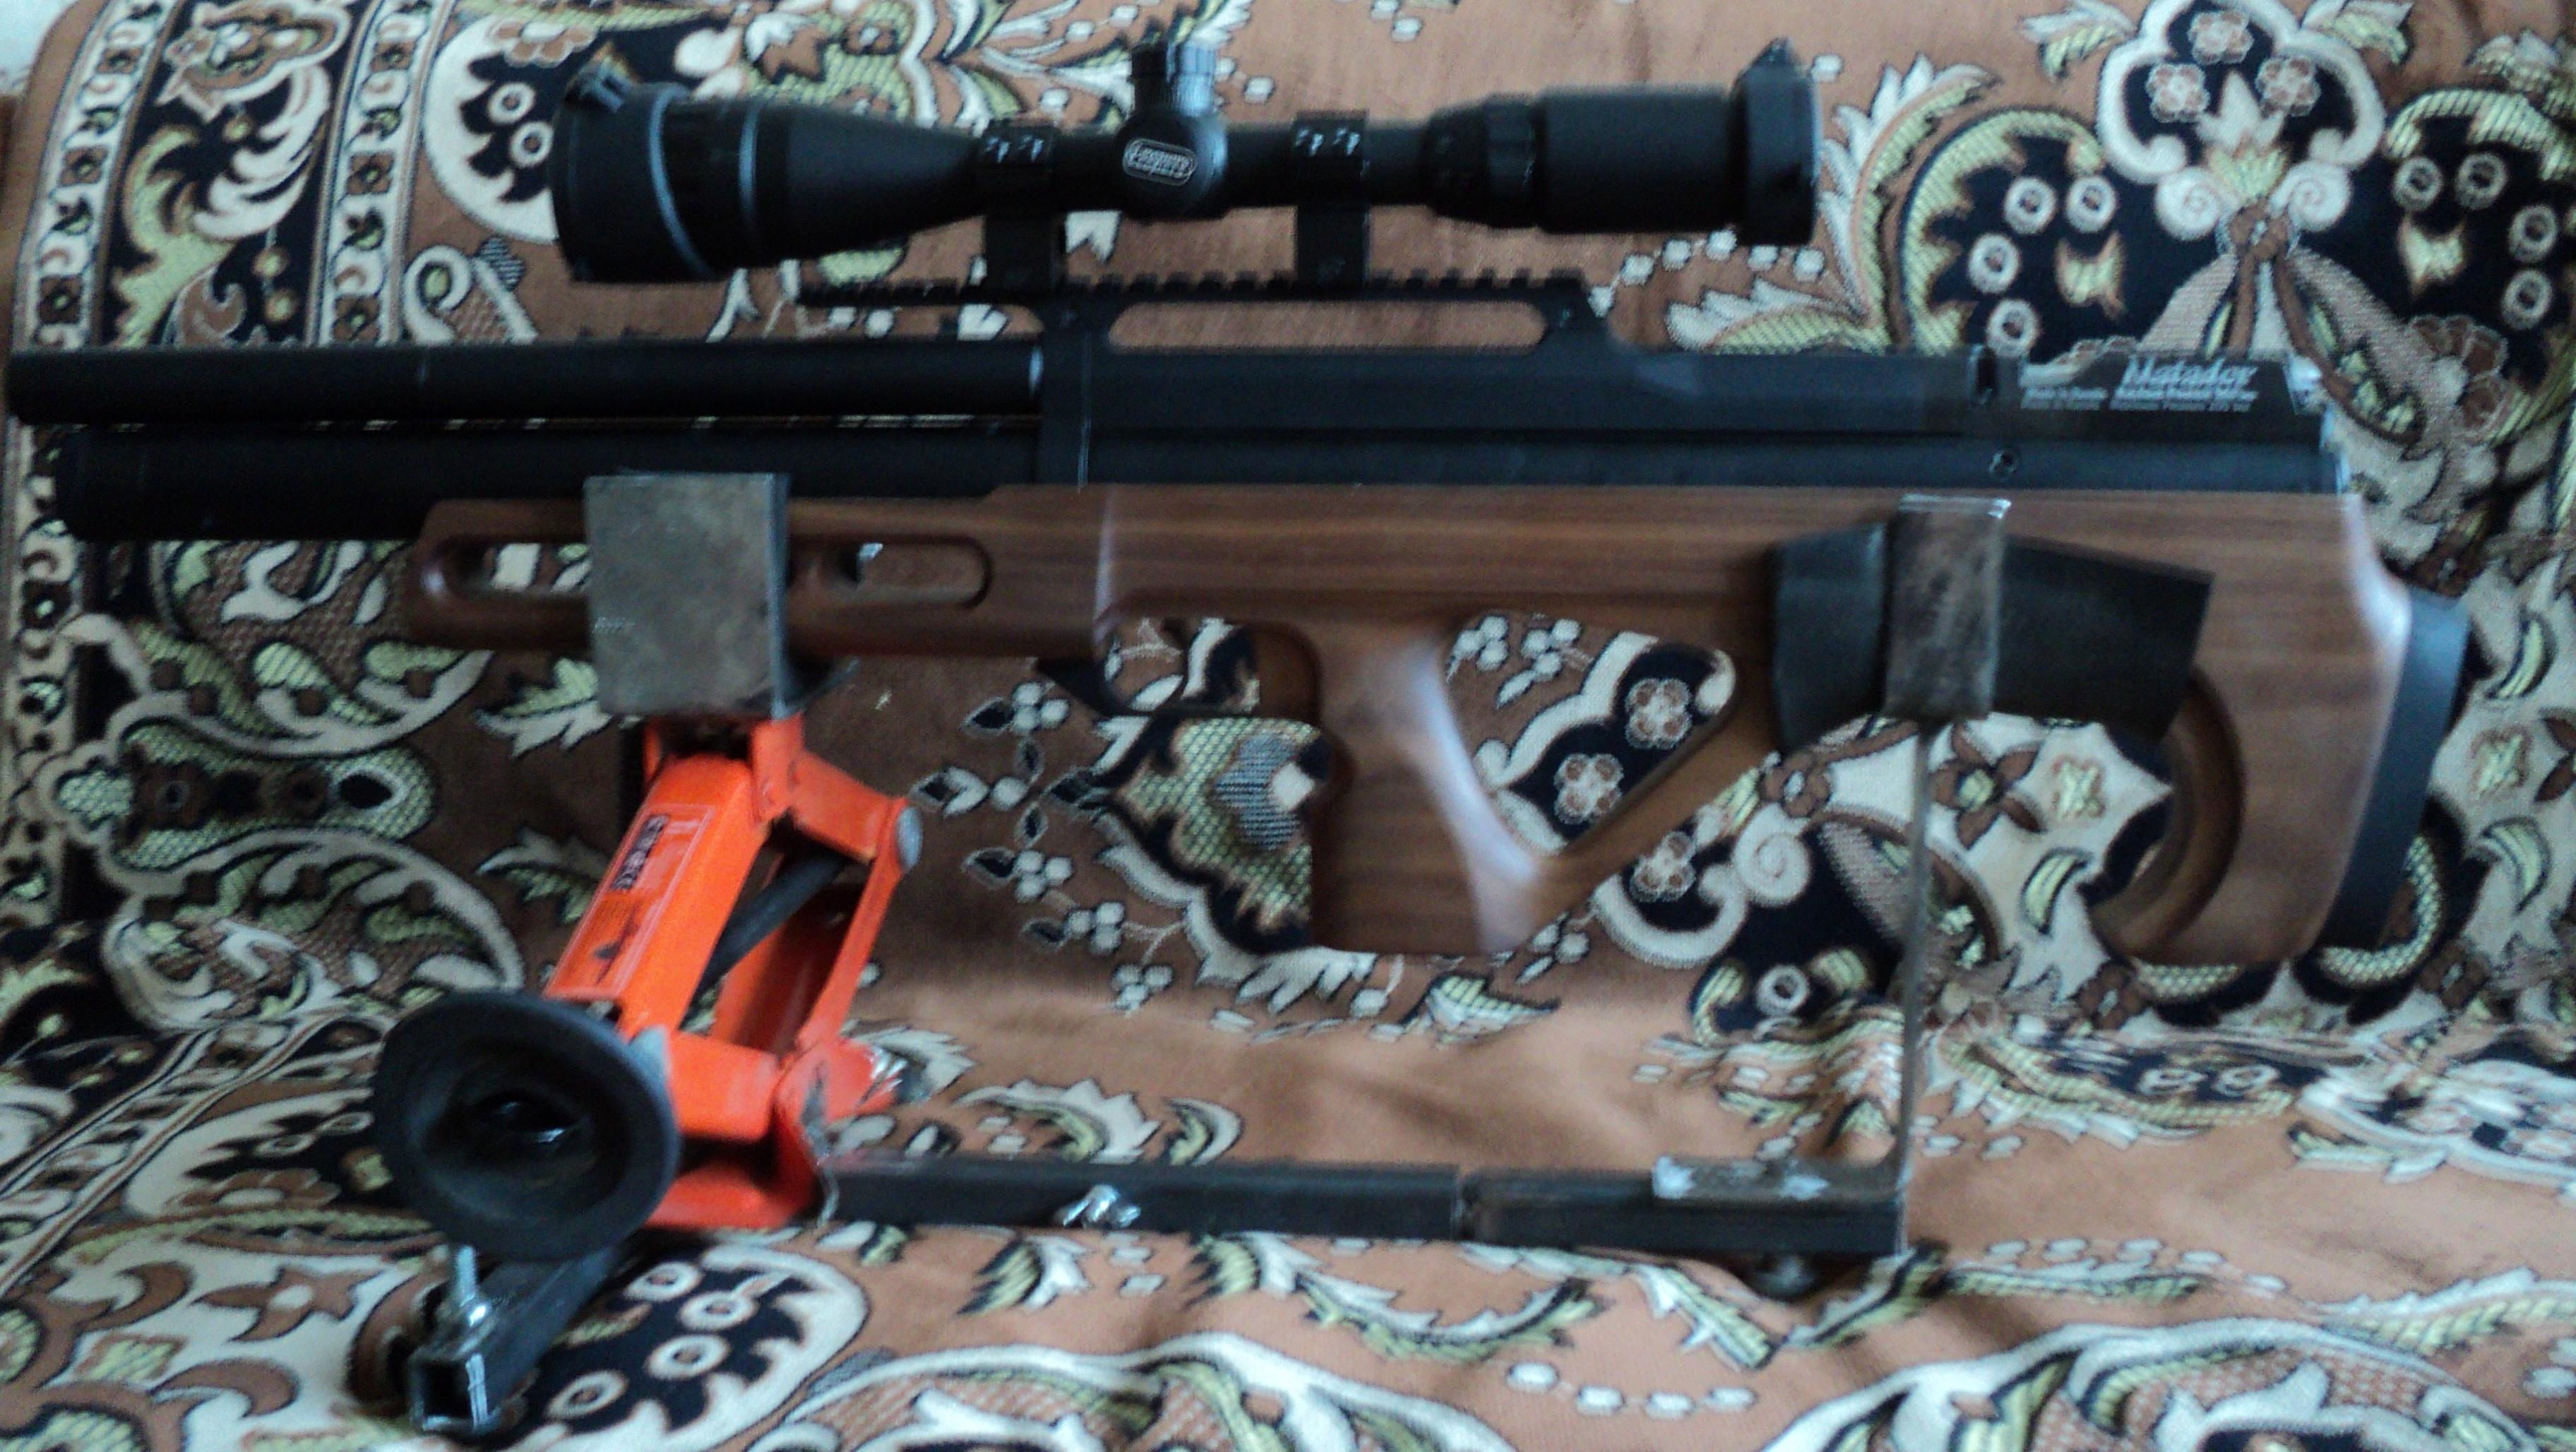 Пристрелочный станок из домкрата - Страница 3 D49dc6c7c1f5